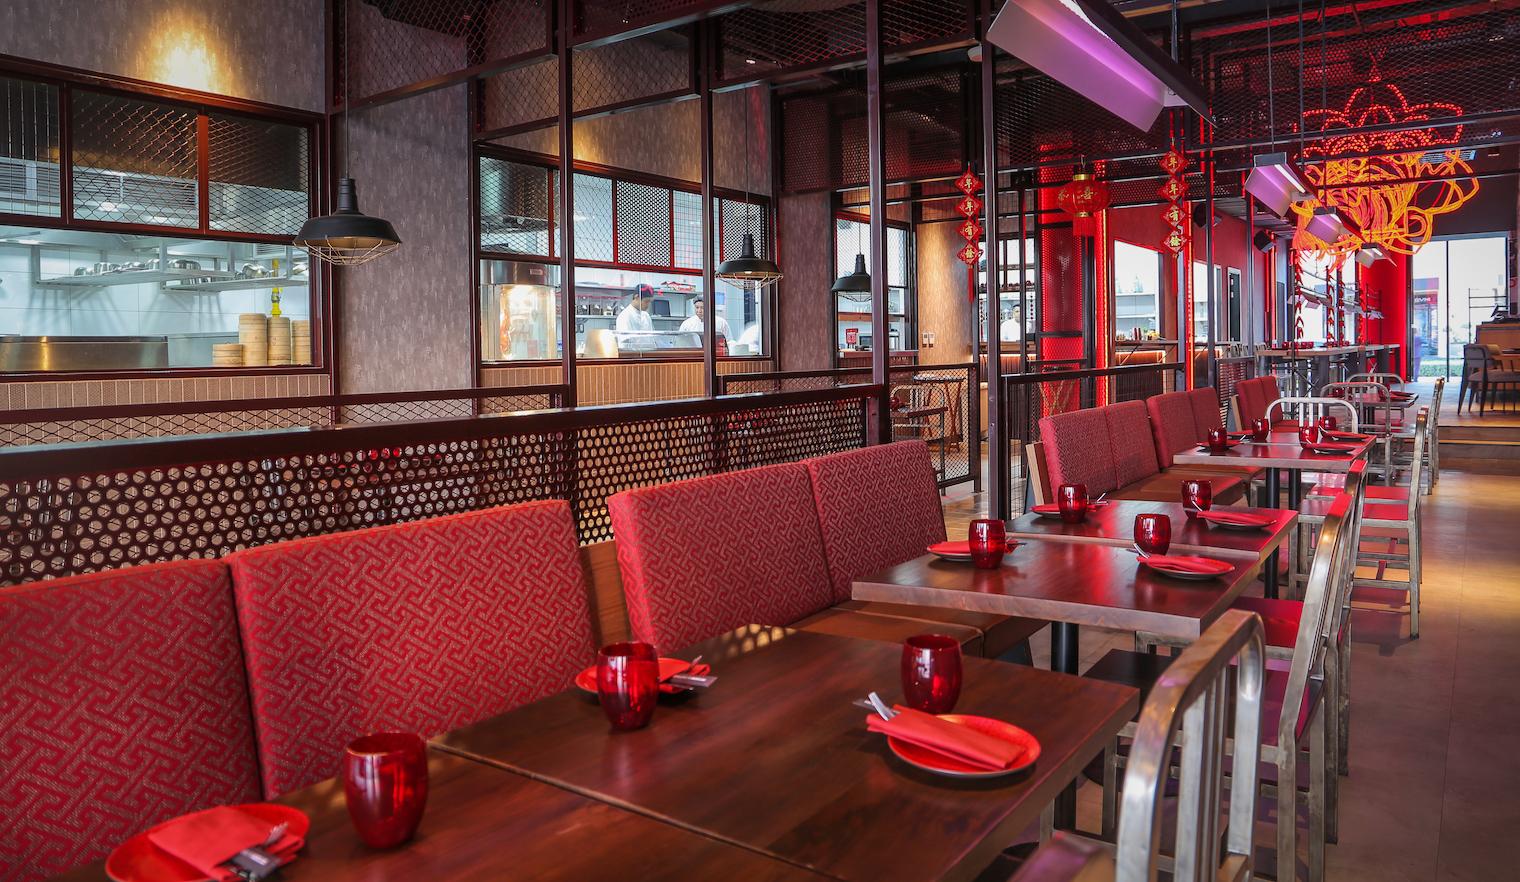 مطعم فات تشاو للمأكولات الكانتونية يفتتح ابوابه في دبي